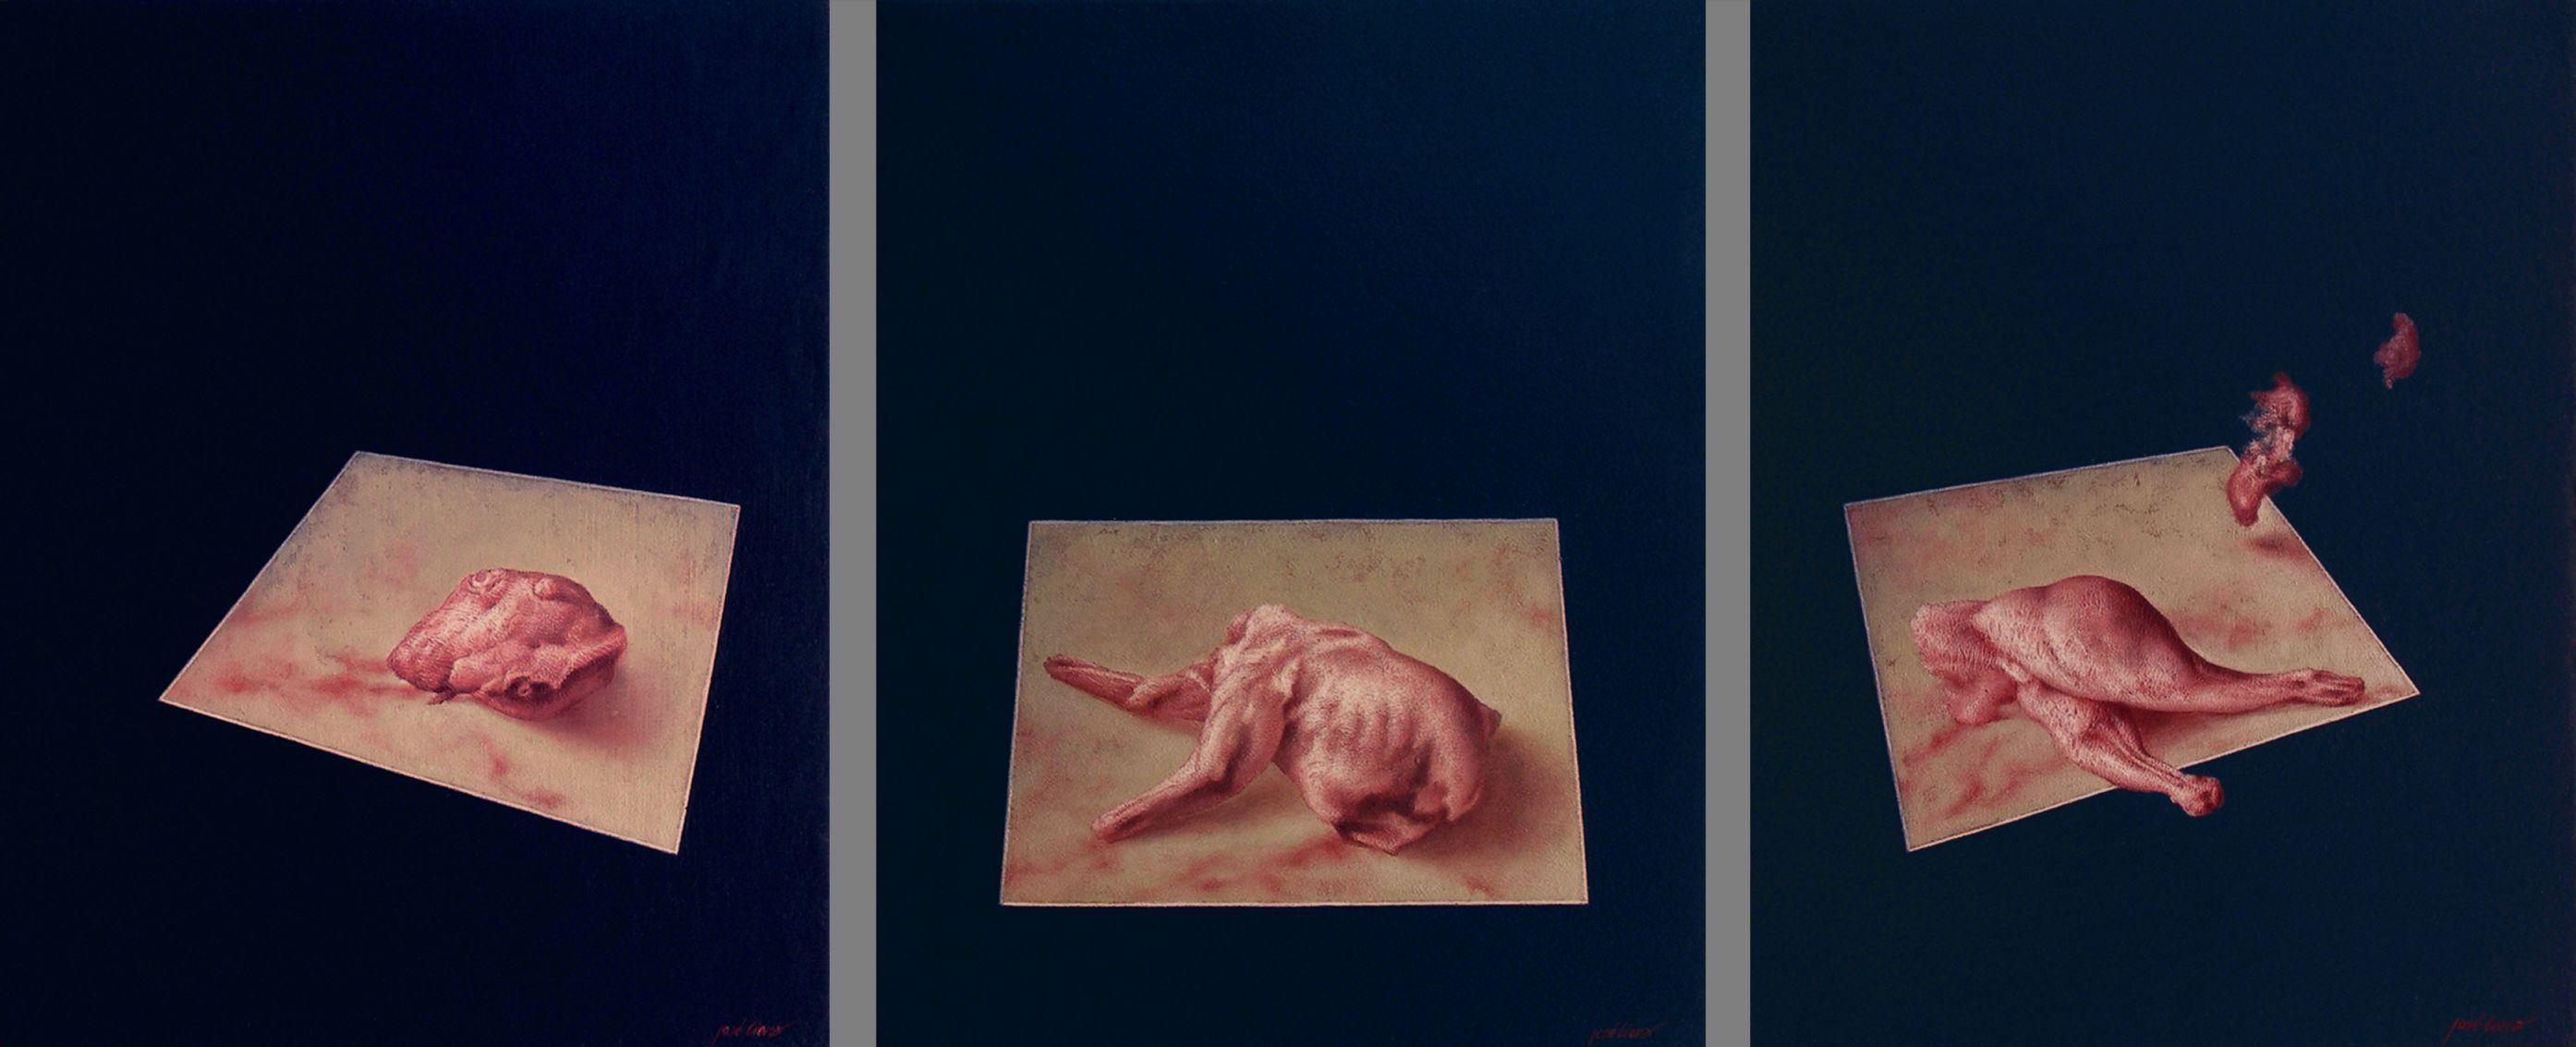 Bgón. Exto. Conejo (tríptico) (2011) - José Viera